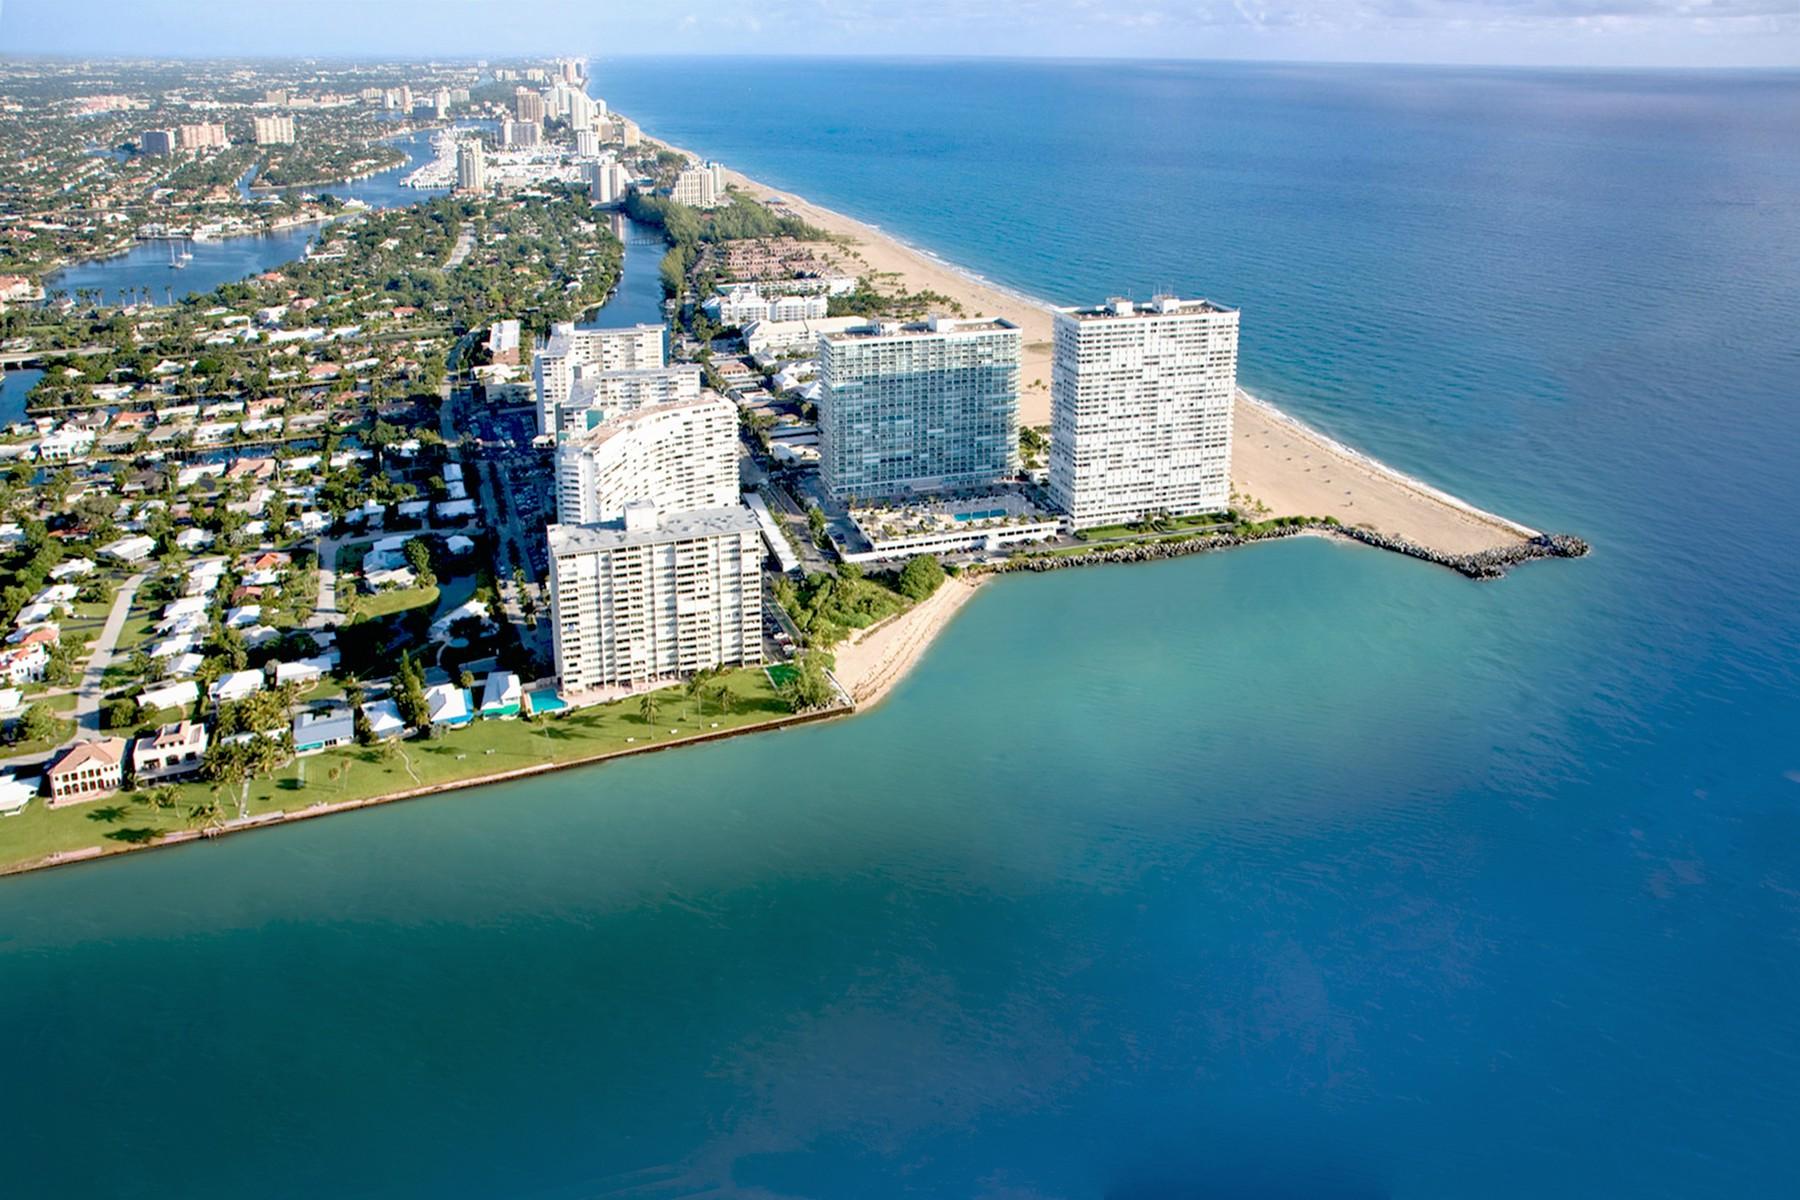 独户住宅 为 销售 在 2200 S. Ocean Lane Unit# 2803 劳德代尔堡, 佛罗里达州 33316 美国